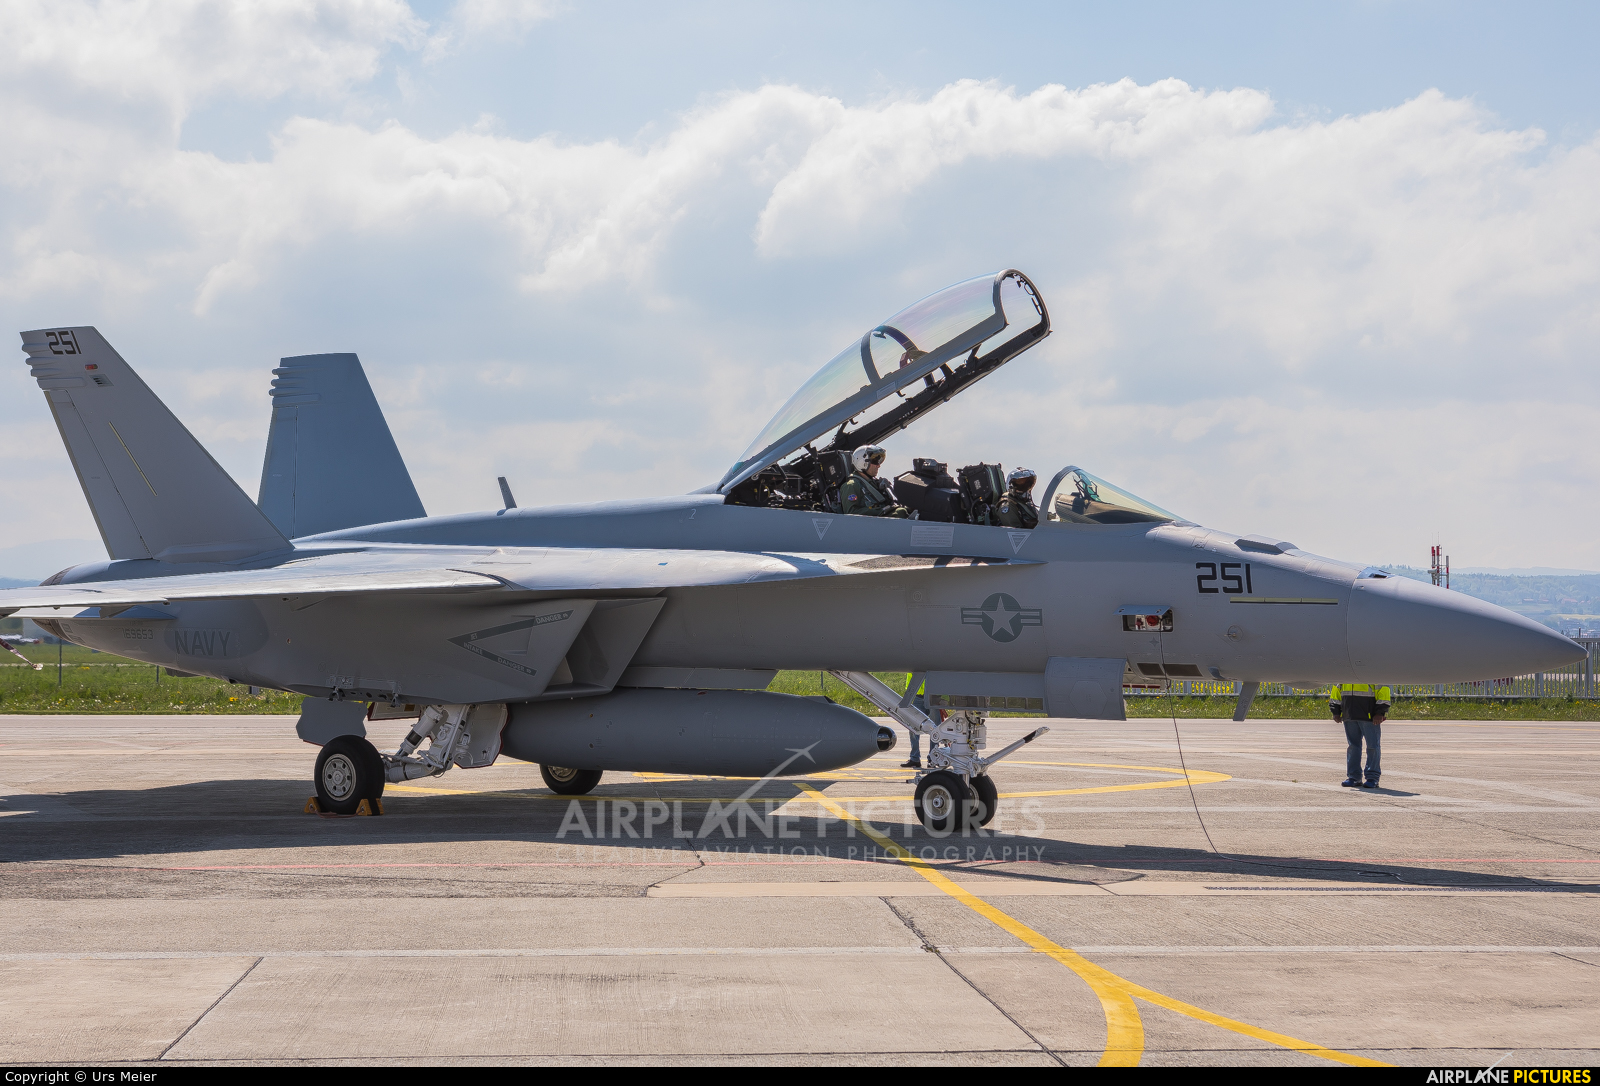 USA - Navy 251 aircraft at Payerne